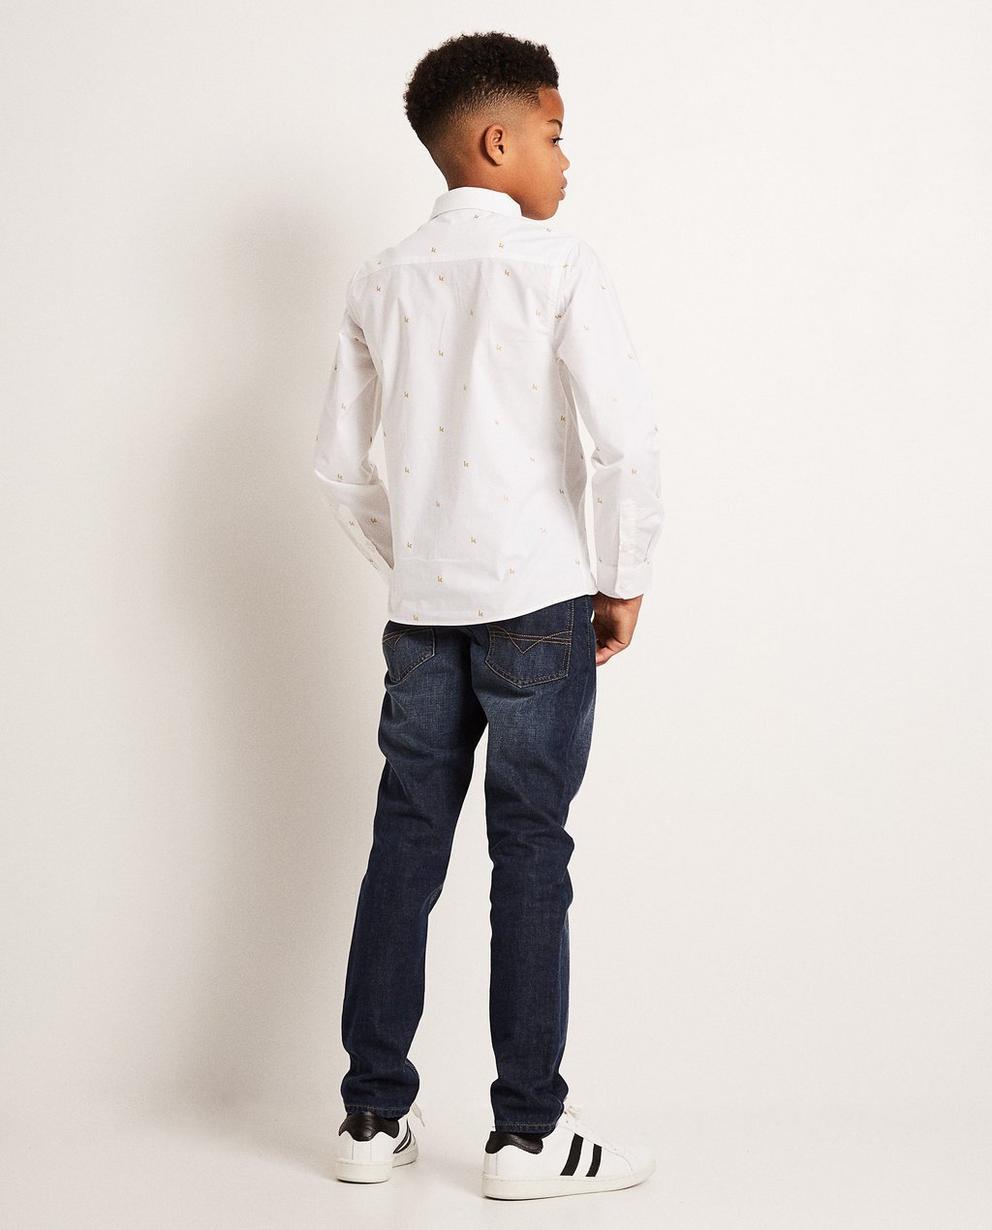 Hemden - AO1 - Cremeweißes Hemd